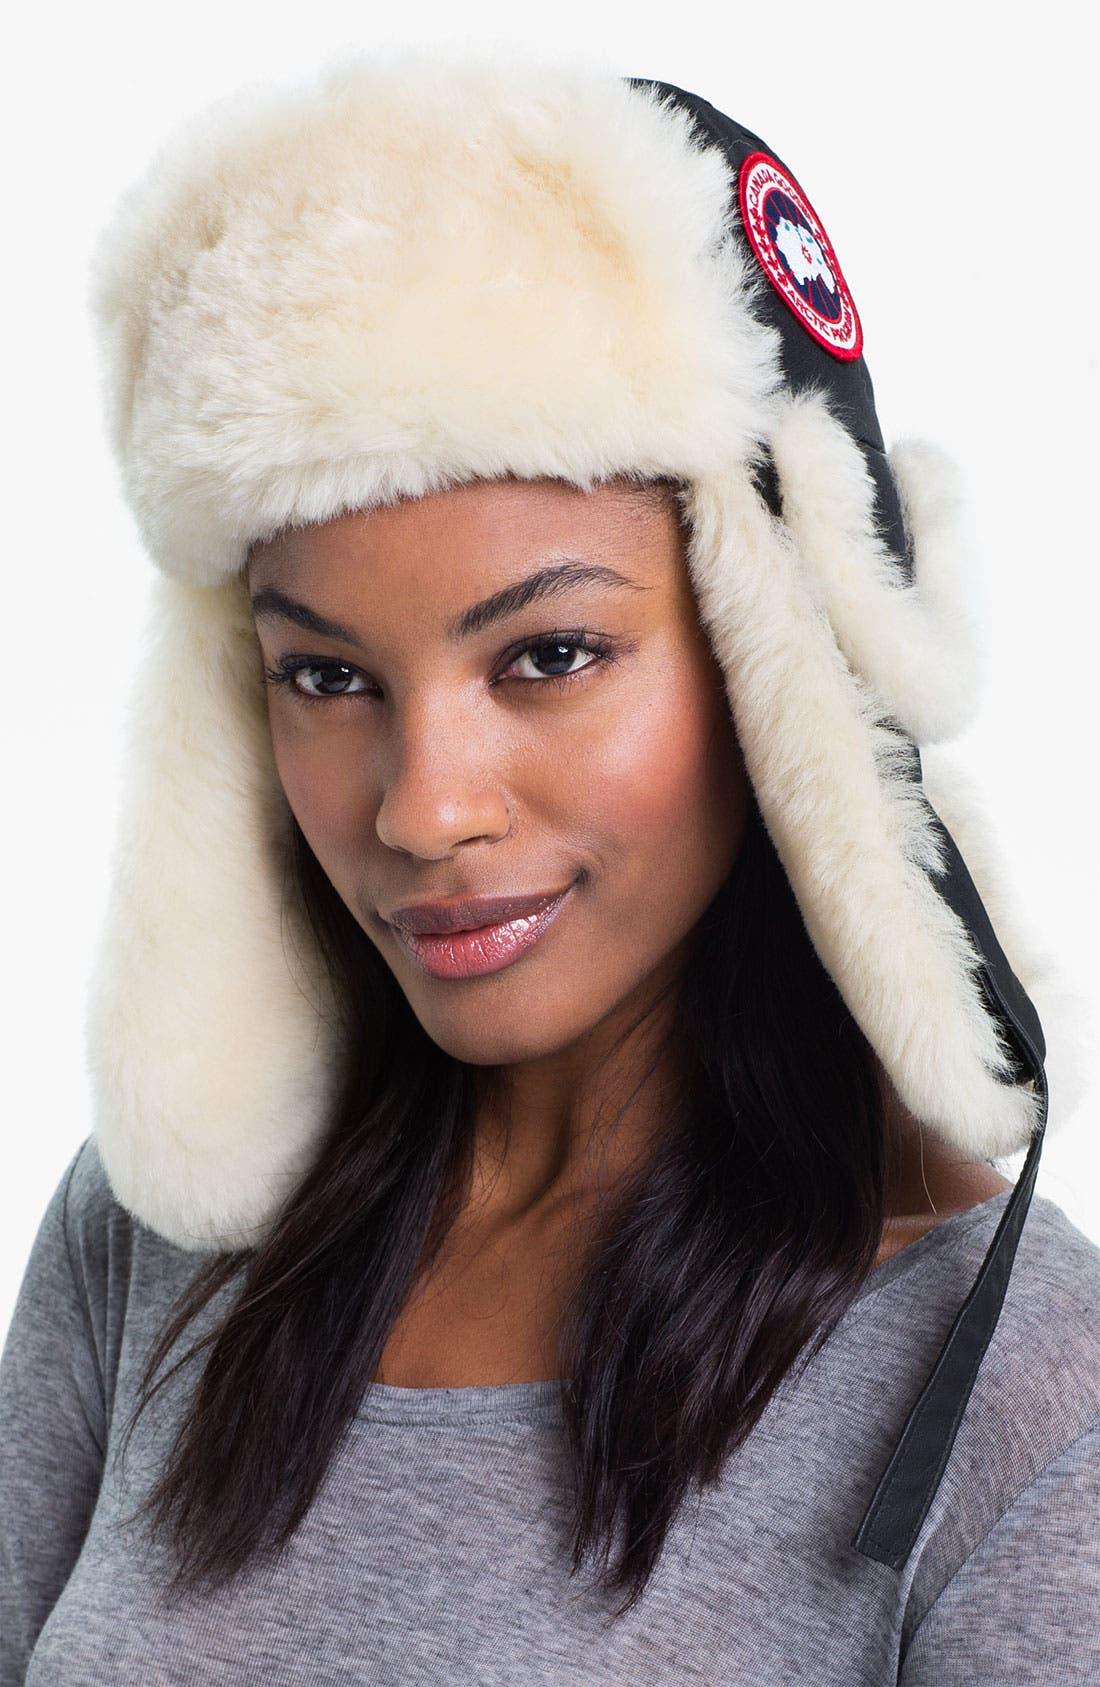 Alternate Image 1 Selected - Canada Goose Genuine Shearling Pilot Hat